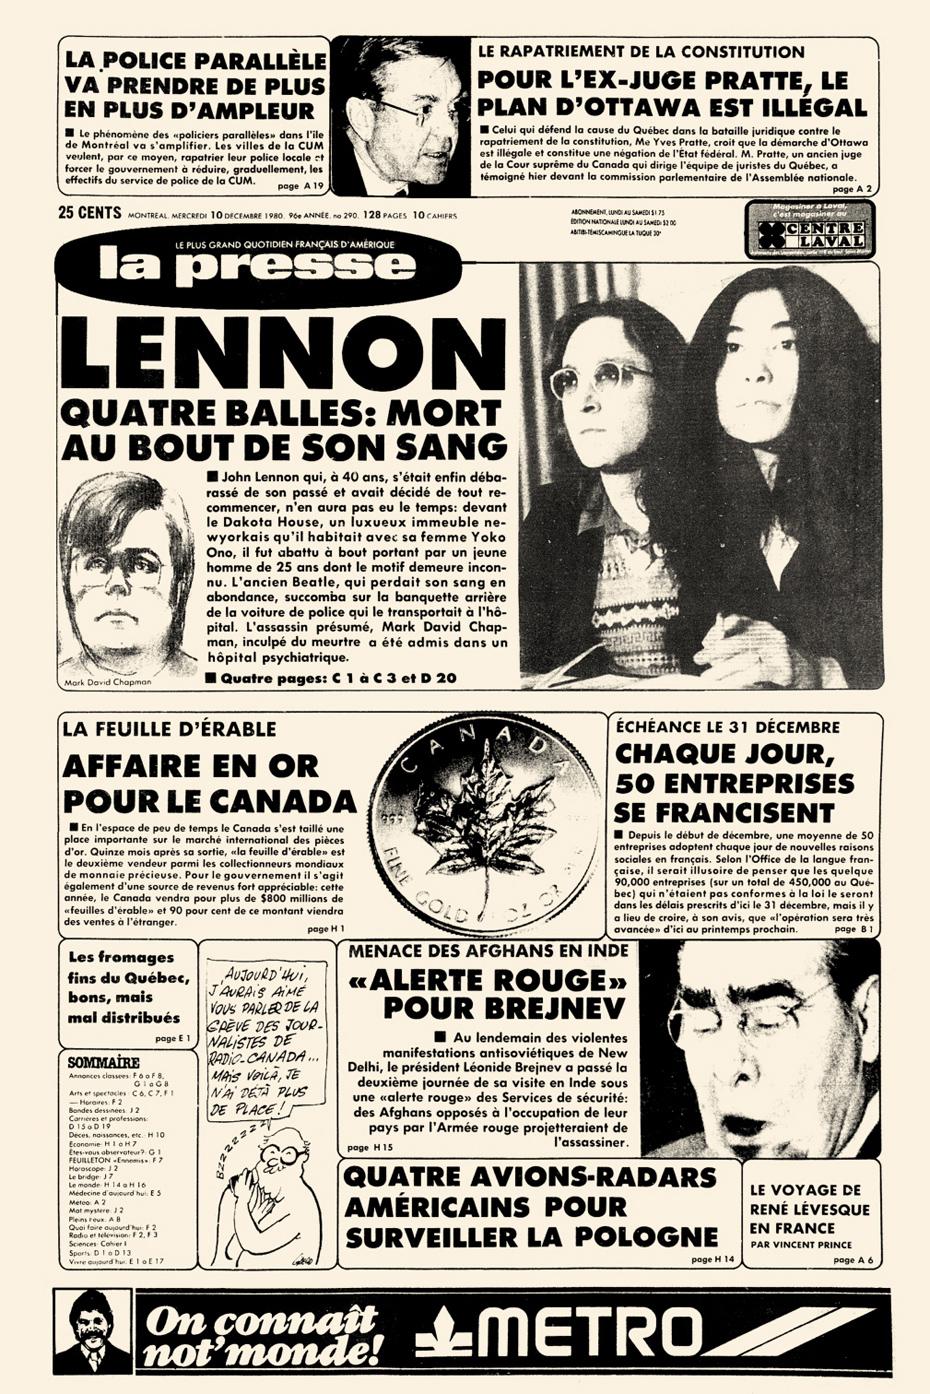 Achetez une page d 39 histoire de la presse for Le journal de la